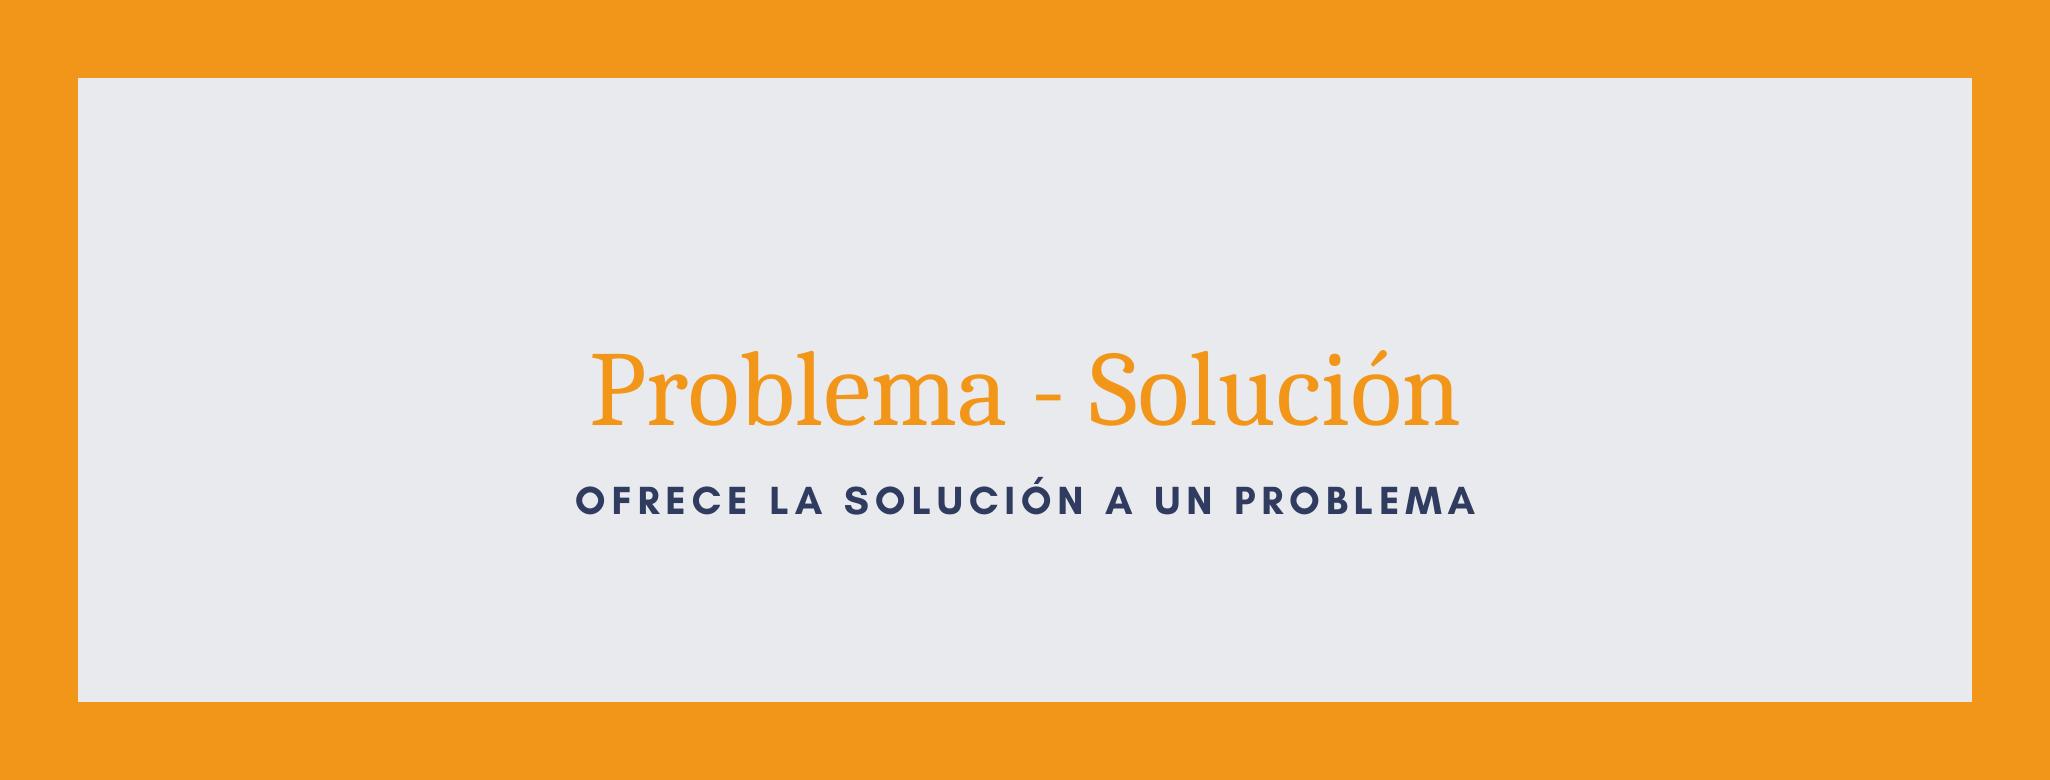 Ofrece la solución a un problema en el asunto del email.